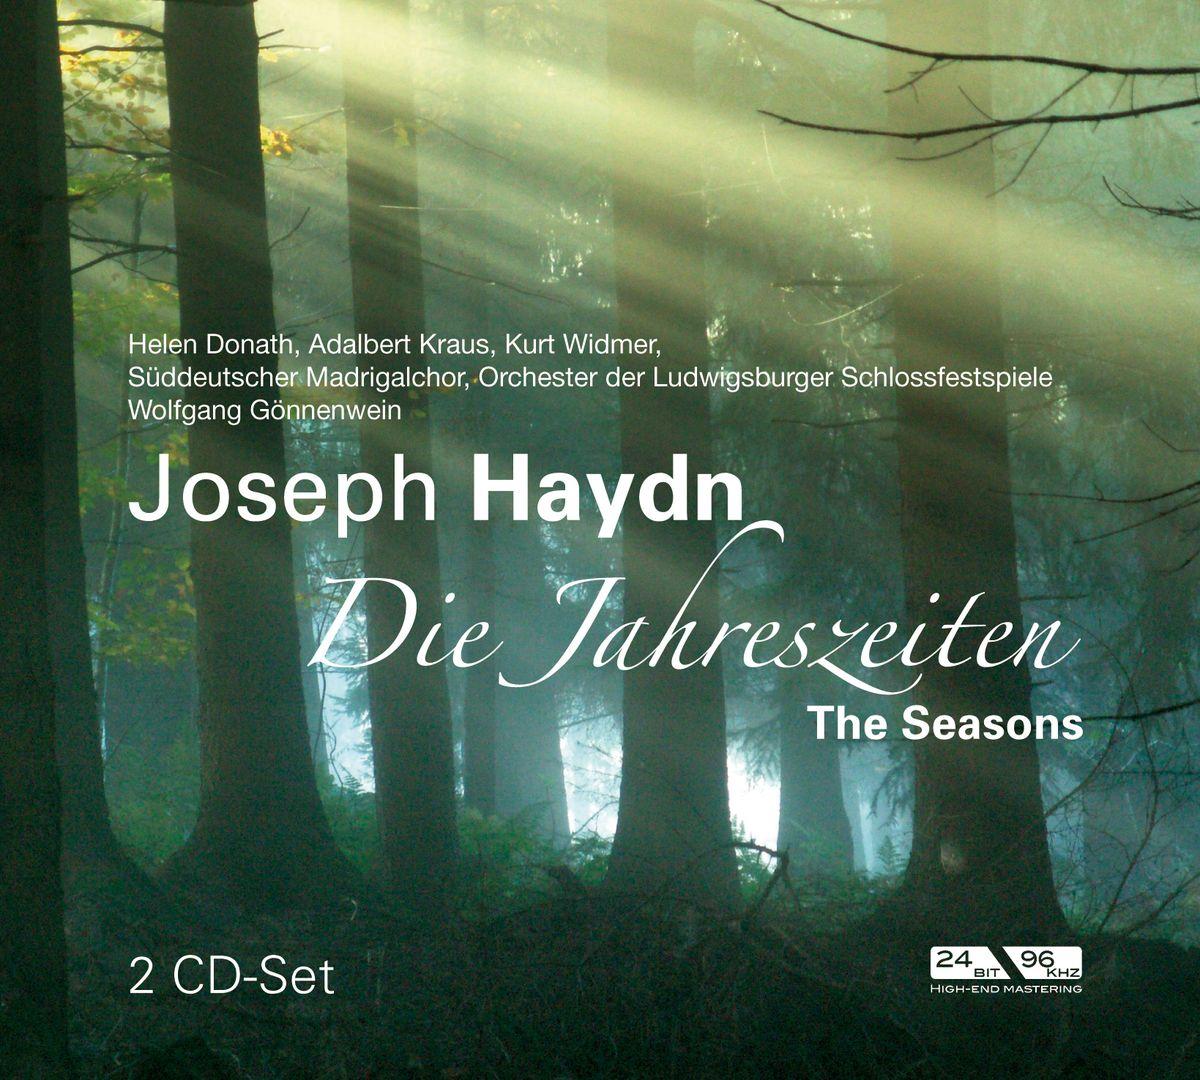 Donath, Kraus, Widmer. Haydn: Die Jahreszeiten / The Seasons (2 CD)